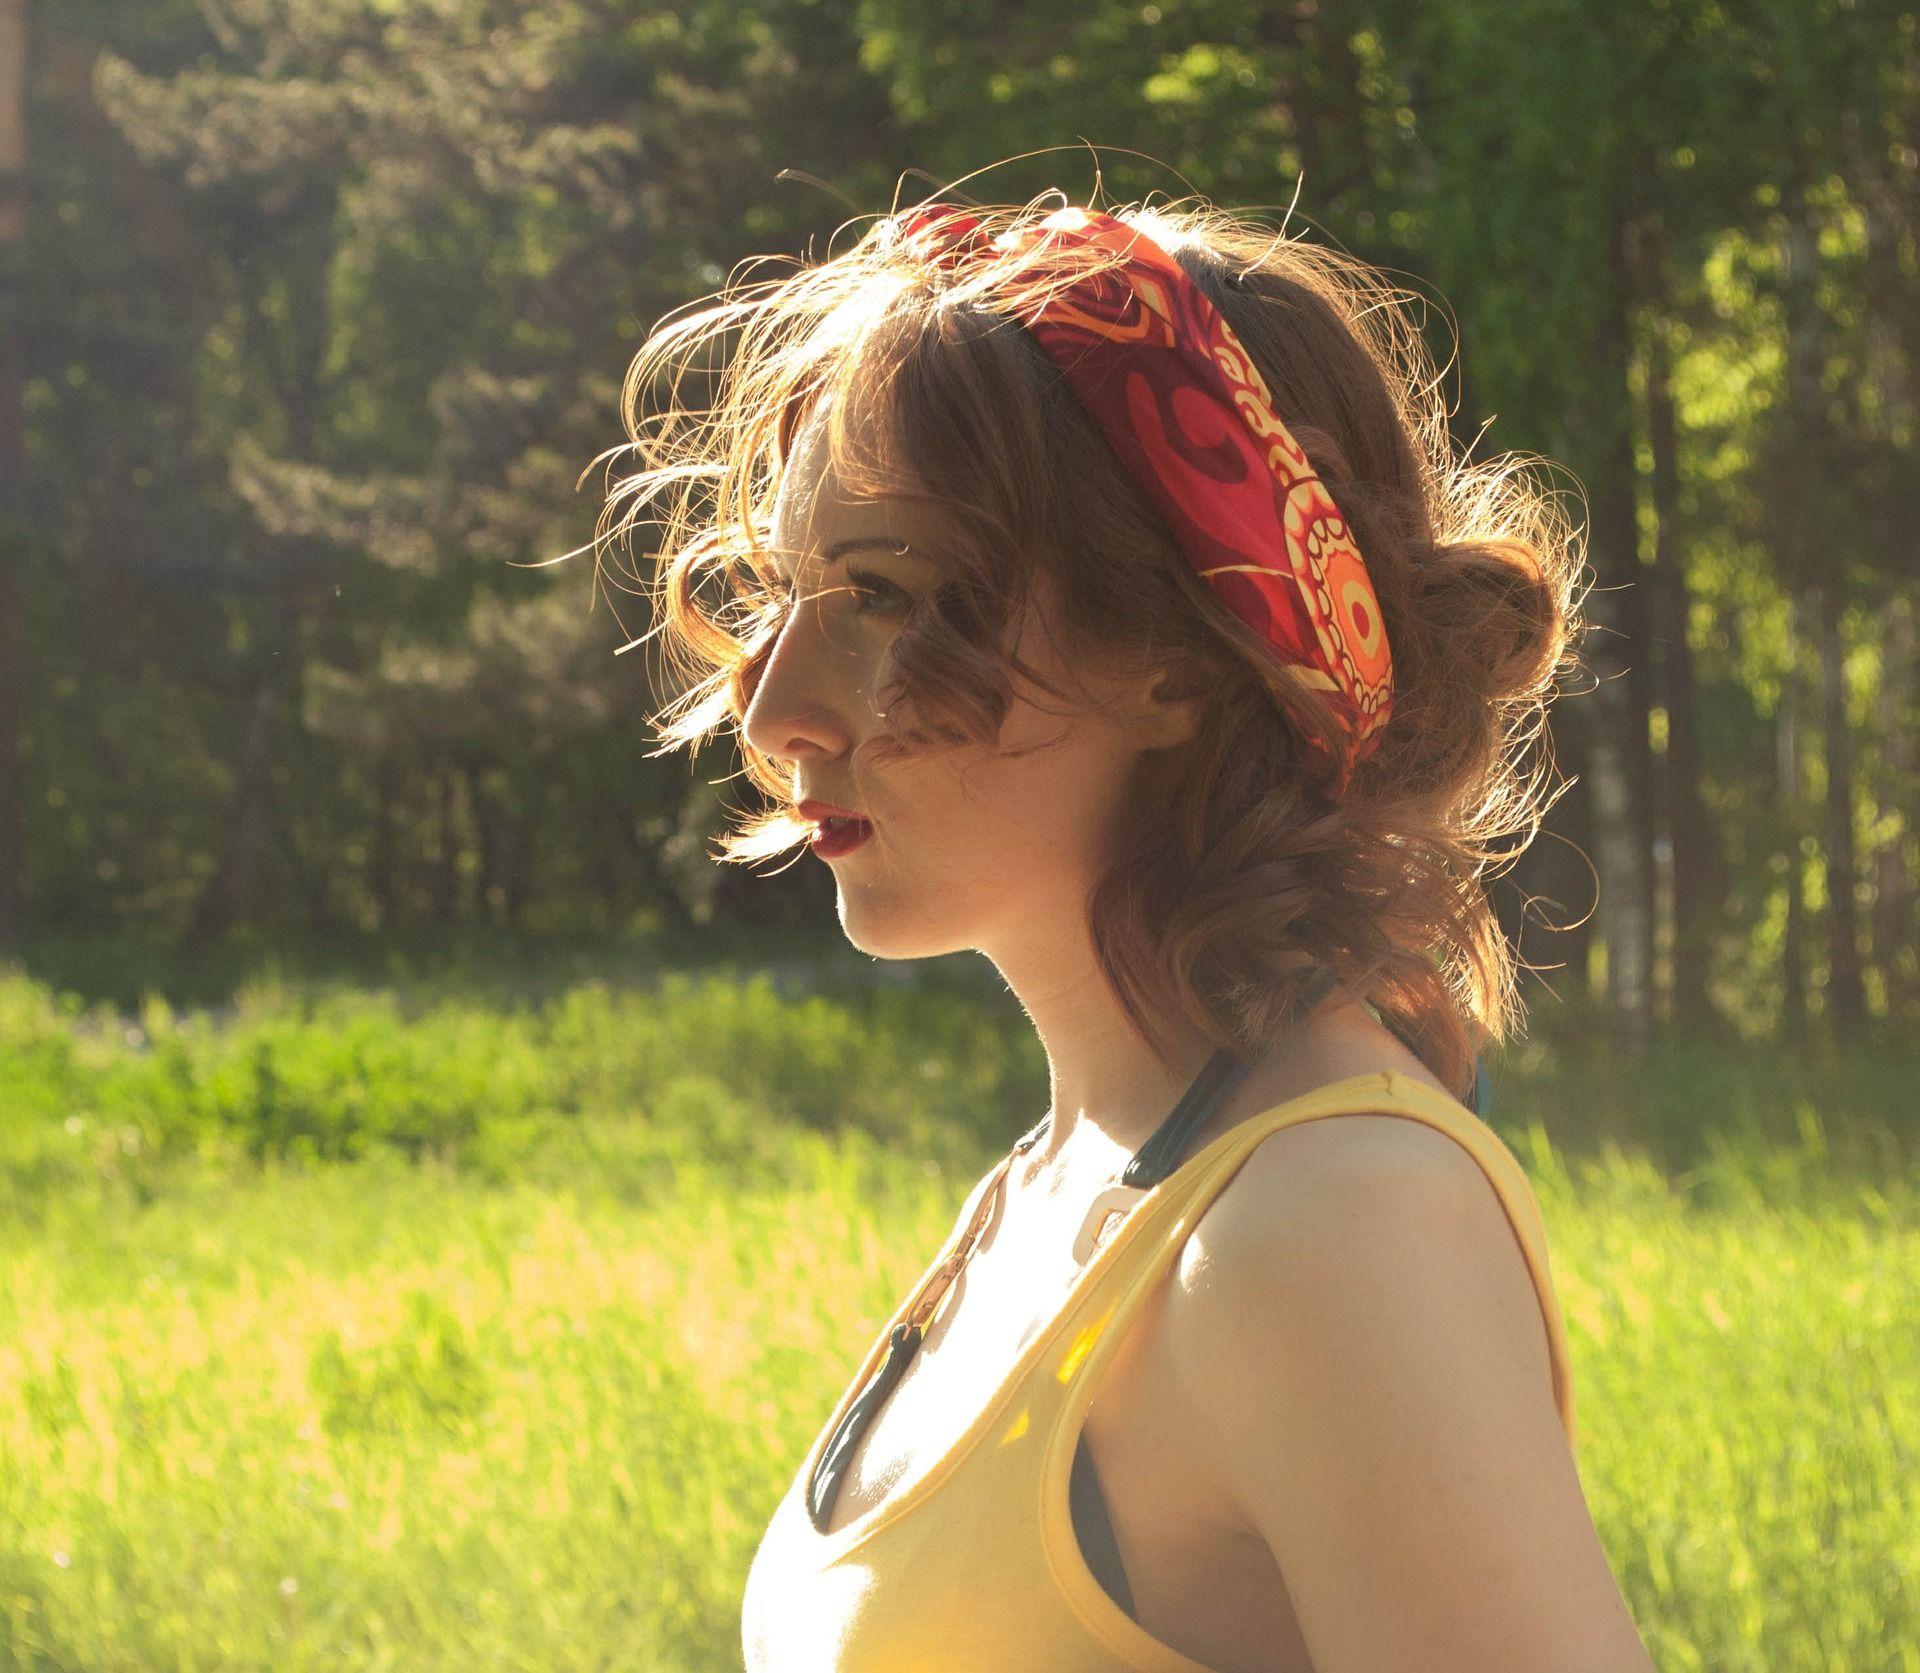 Com'è cambiato lo stile dei capelli delle donne in un secolo